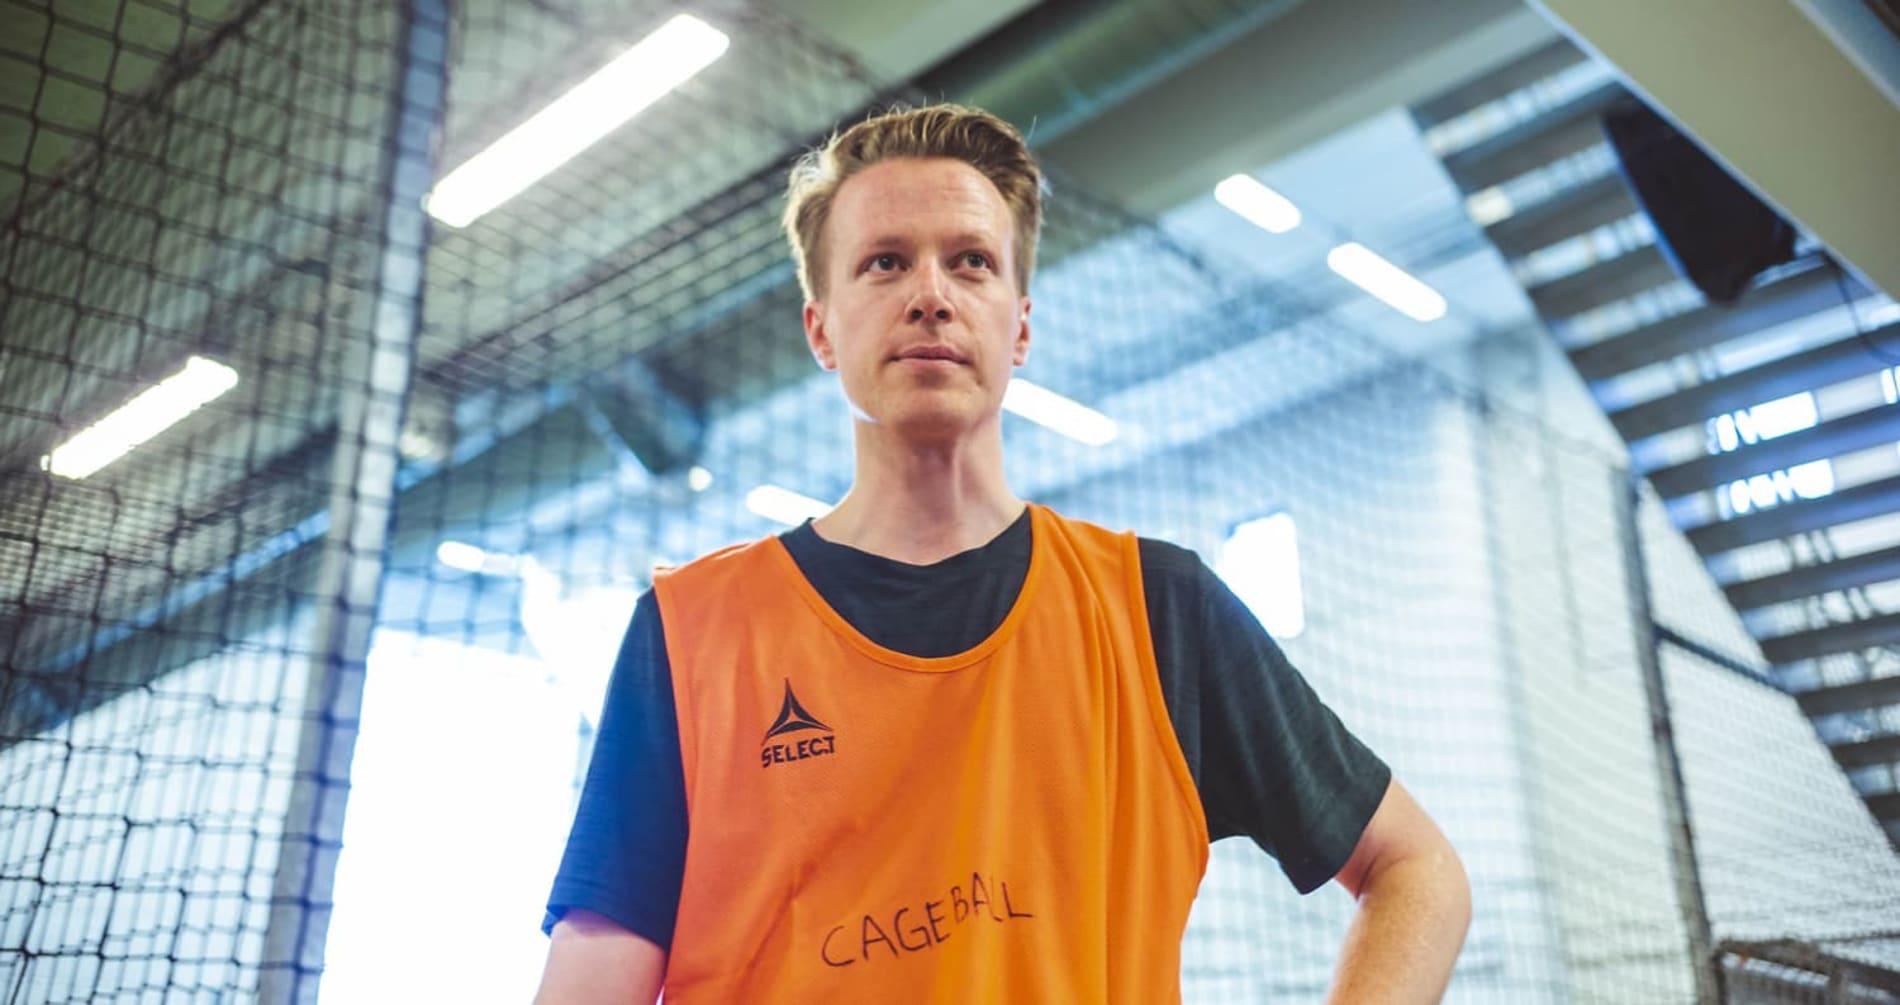 TIDLIGERE KOLLEGA: Kristoffer Nymo jobber ikke lenger i KLP, men har fortsatt å spille med sine tidligere kolleger.